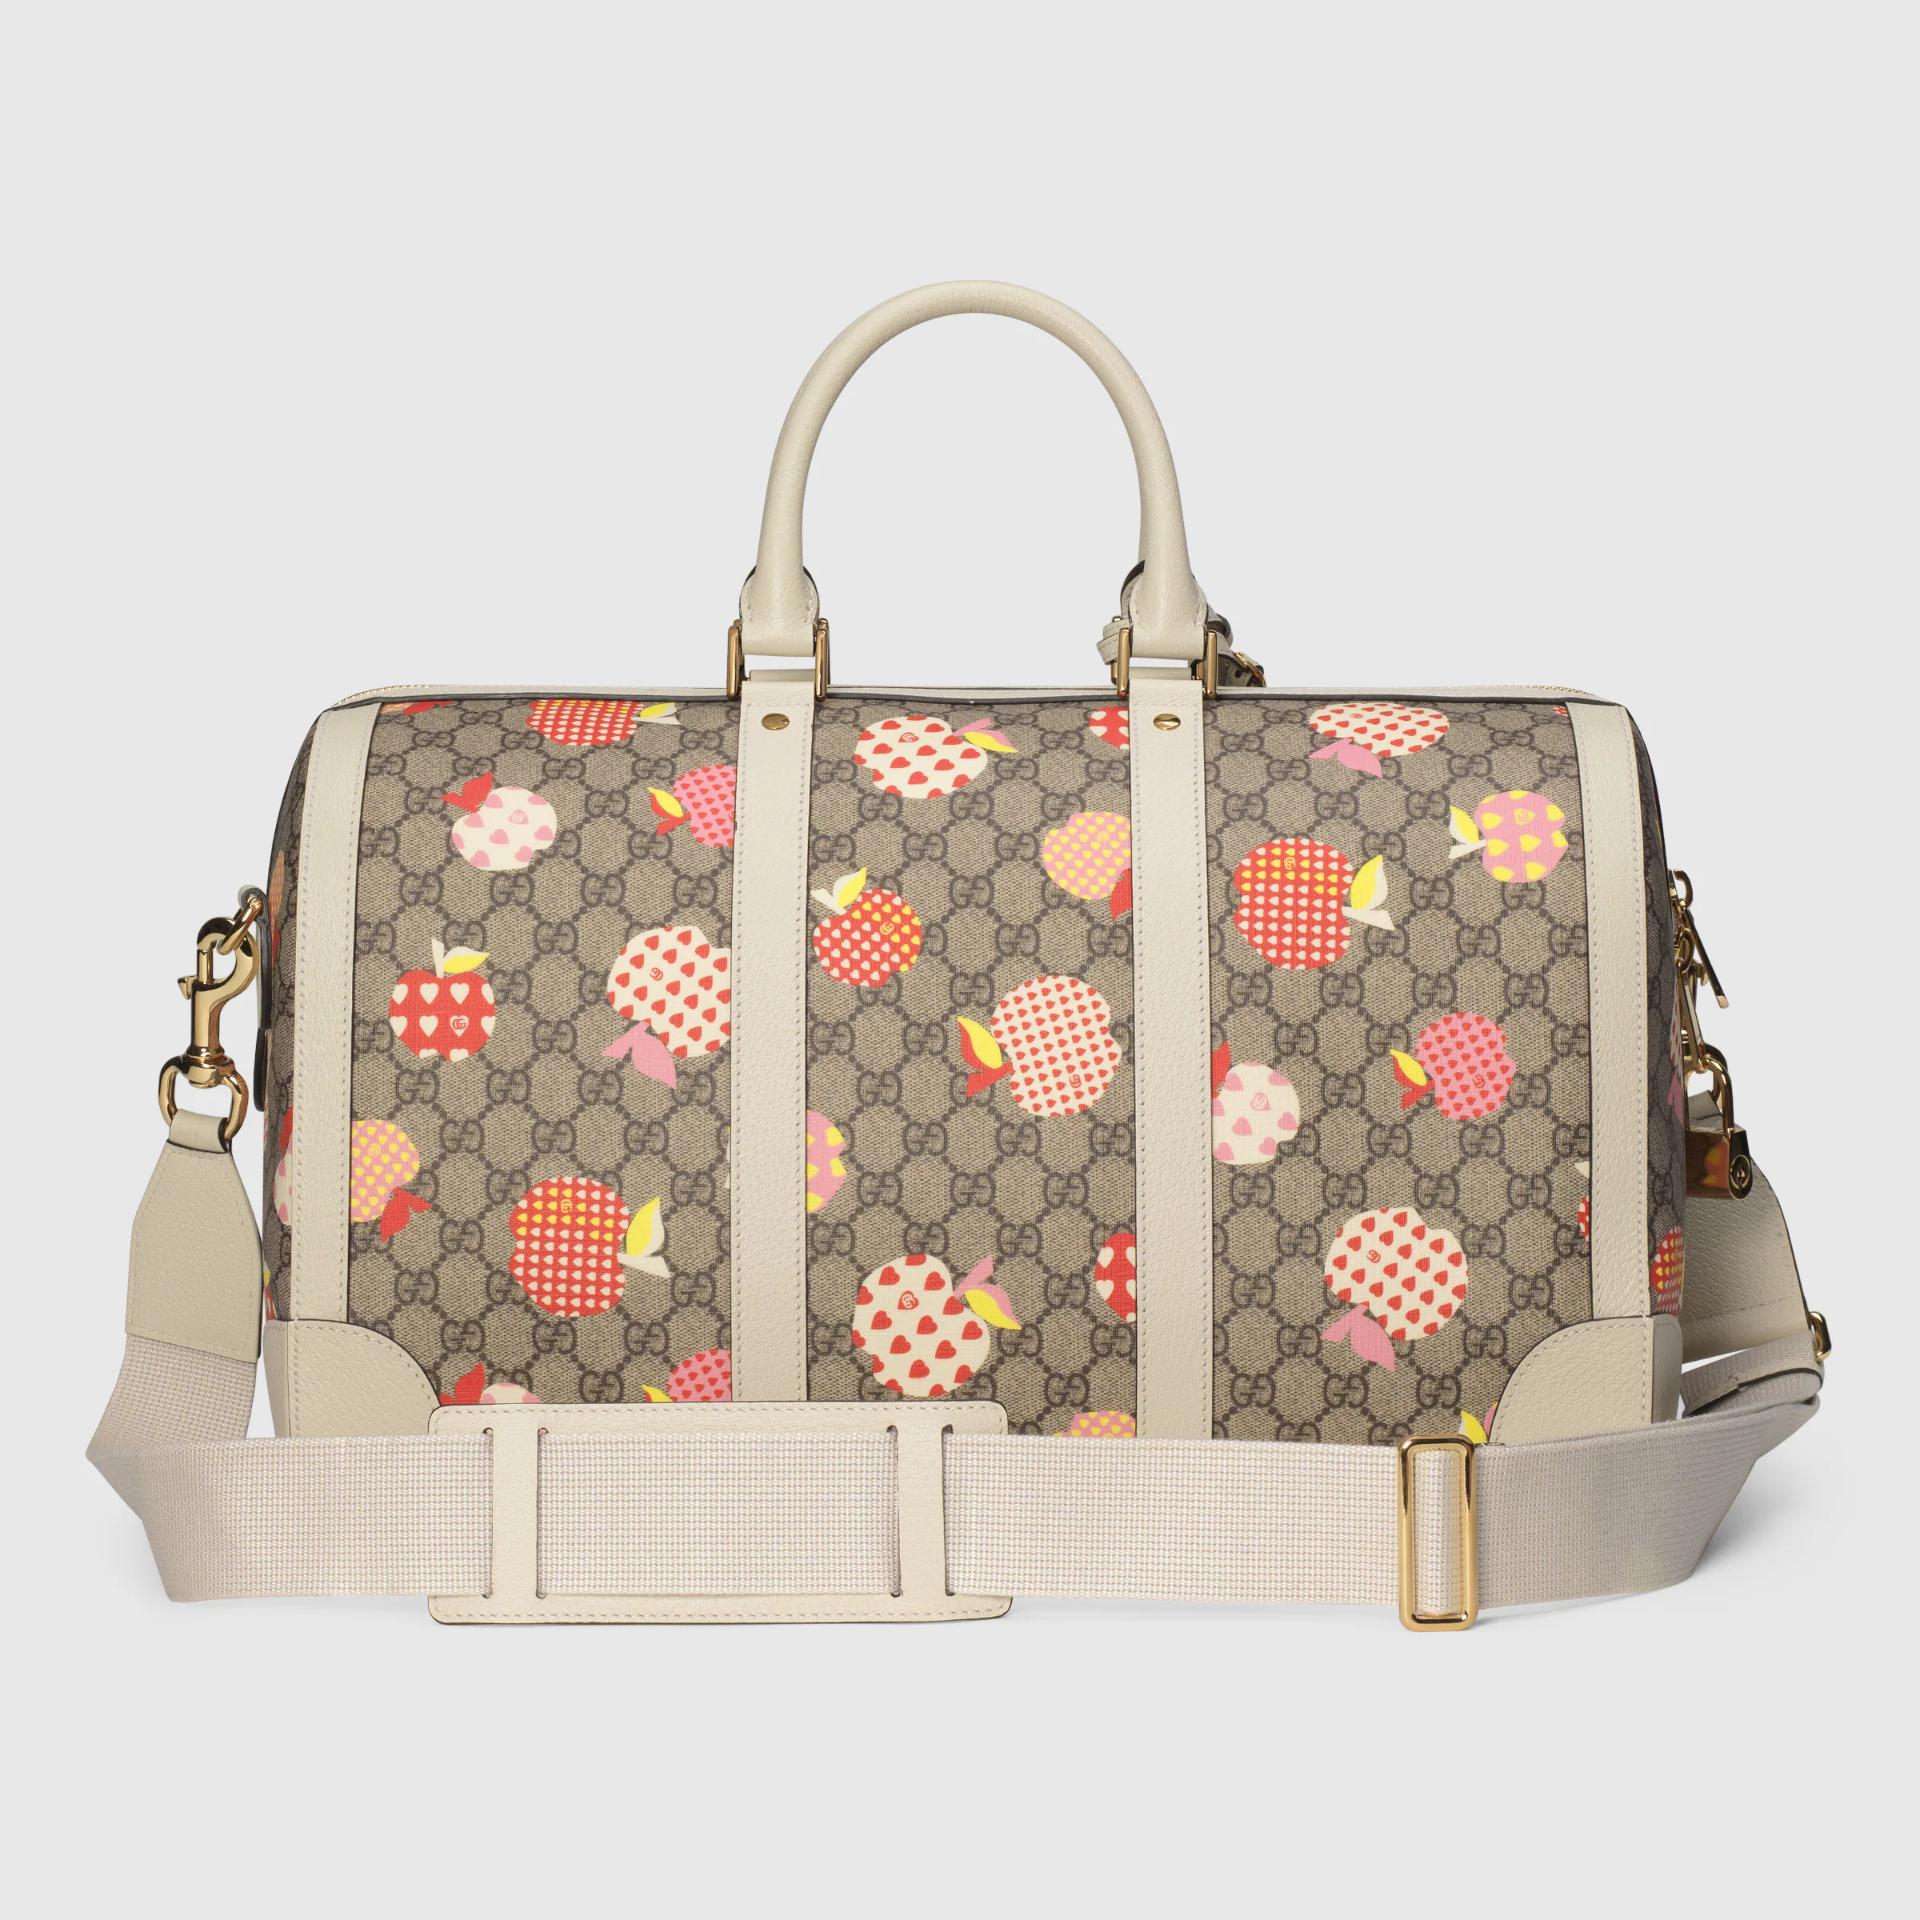 유럽직배송 구찌 GUCCI Gucci - Gucci Les Pommes duffle bag  64808522KFG9799